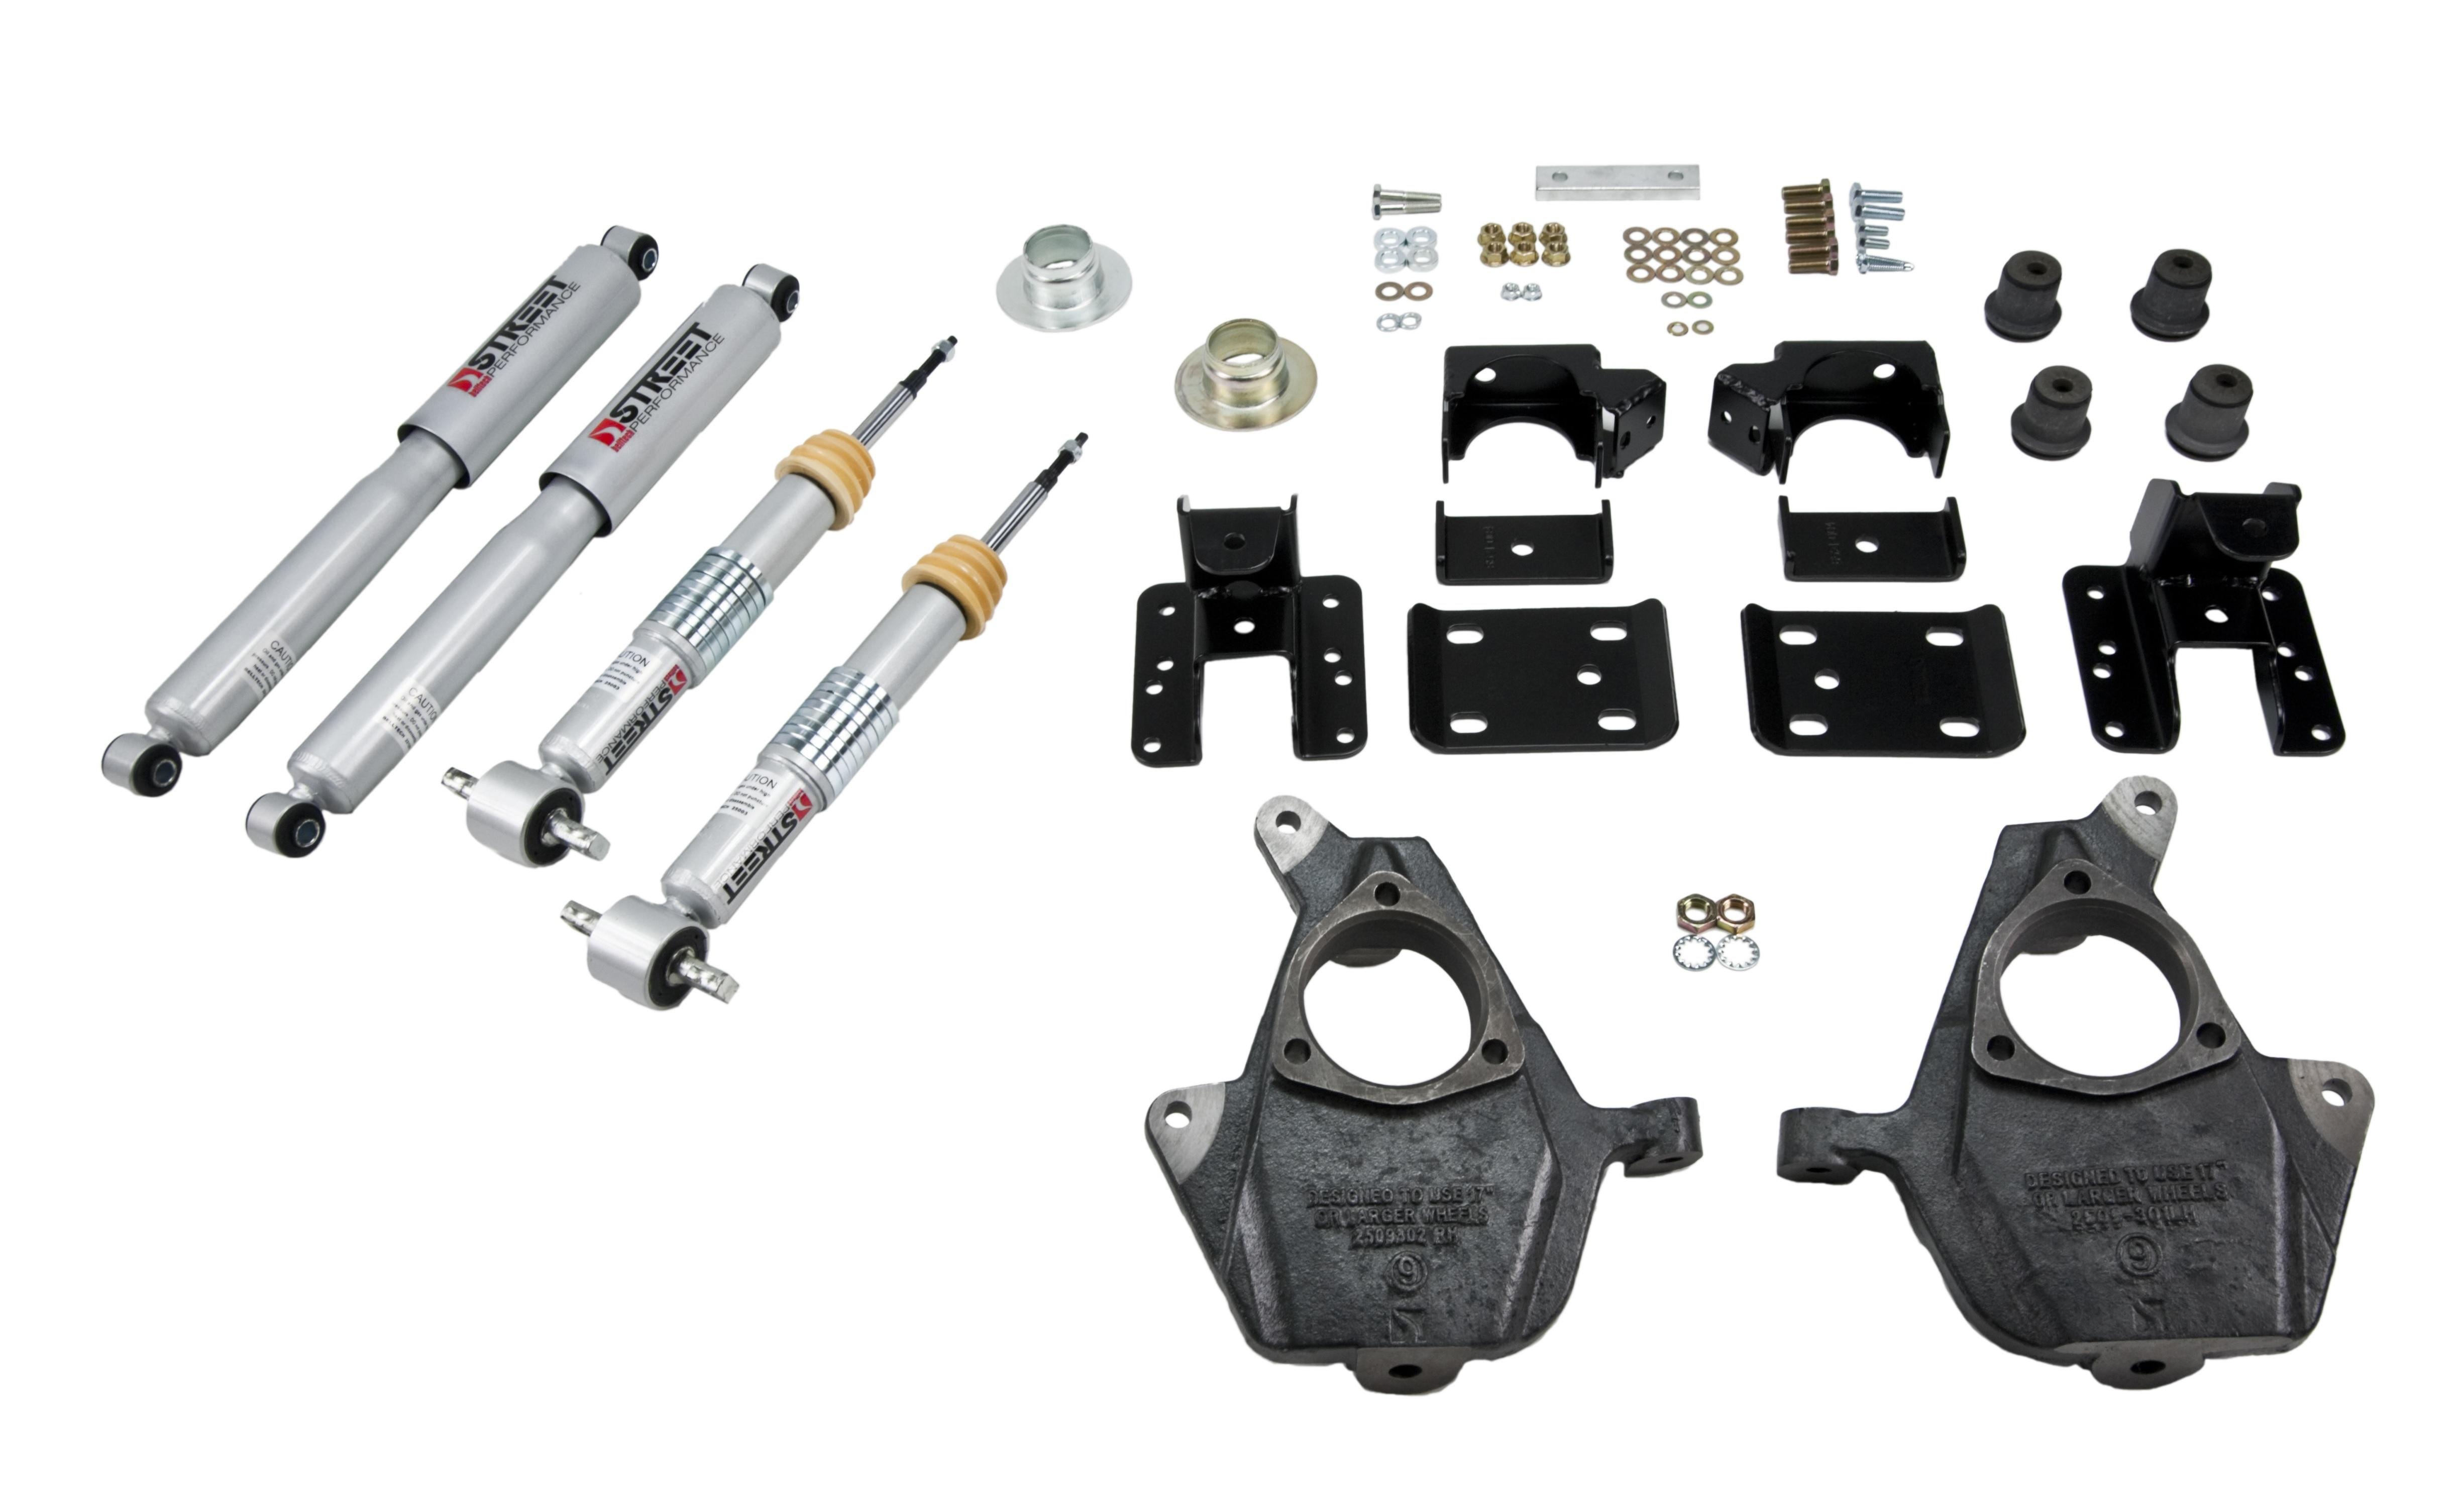 Bell Tech 1001SP Lowering Kit, 1-3 in Front / 4 in Rear, Flip Kit / Shocks / Struts, Short Bed, Ford Fullsize Truck 2015-16, Kit